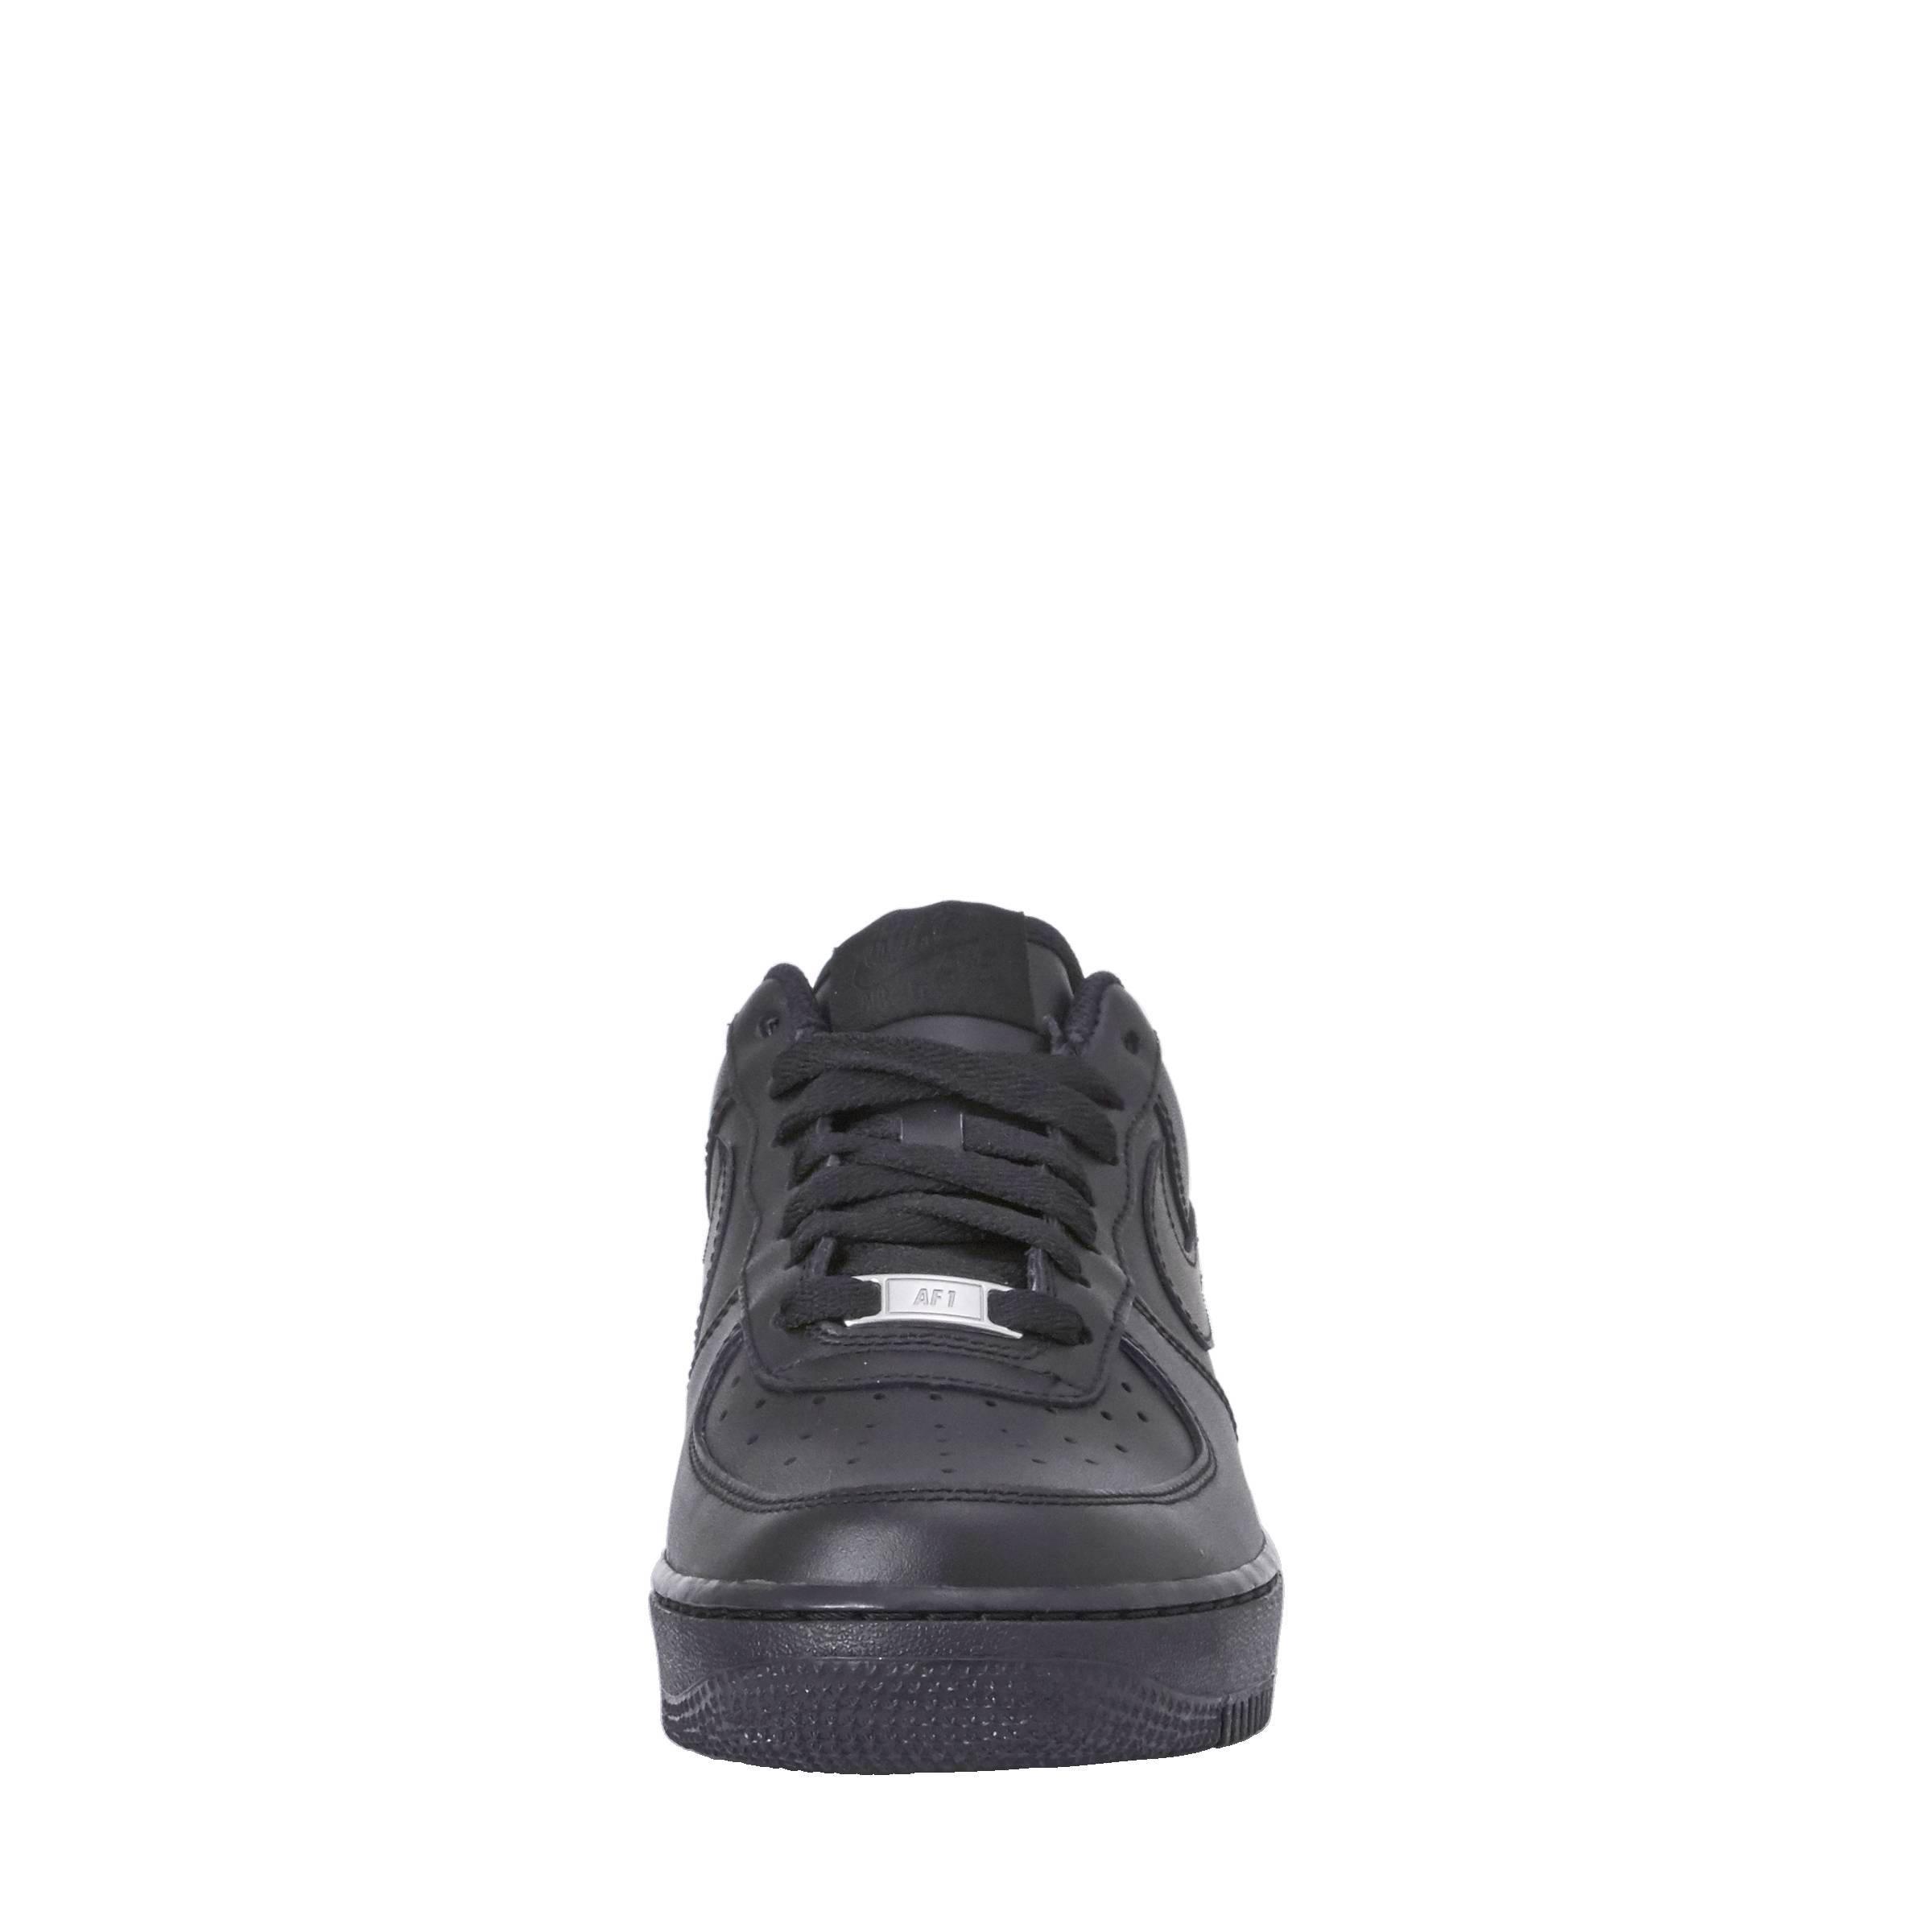 online retailer 477e9 ecb35 Nike Air Force 1  07 sneakers   wehkamp